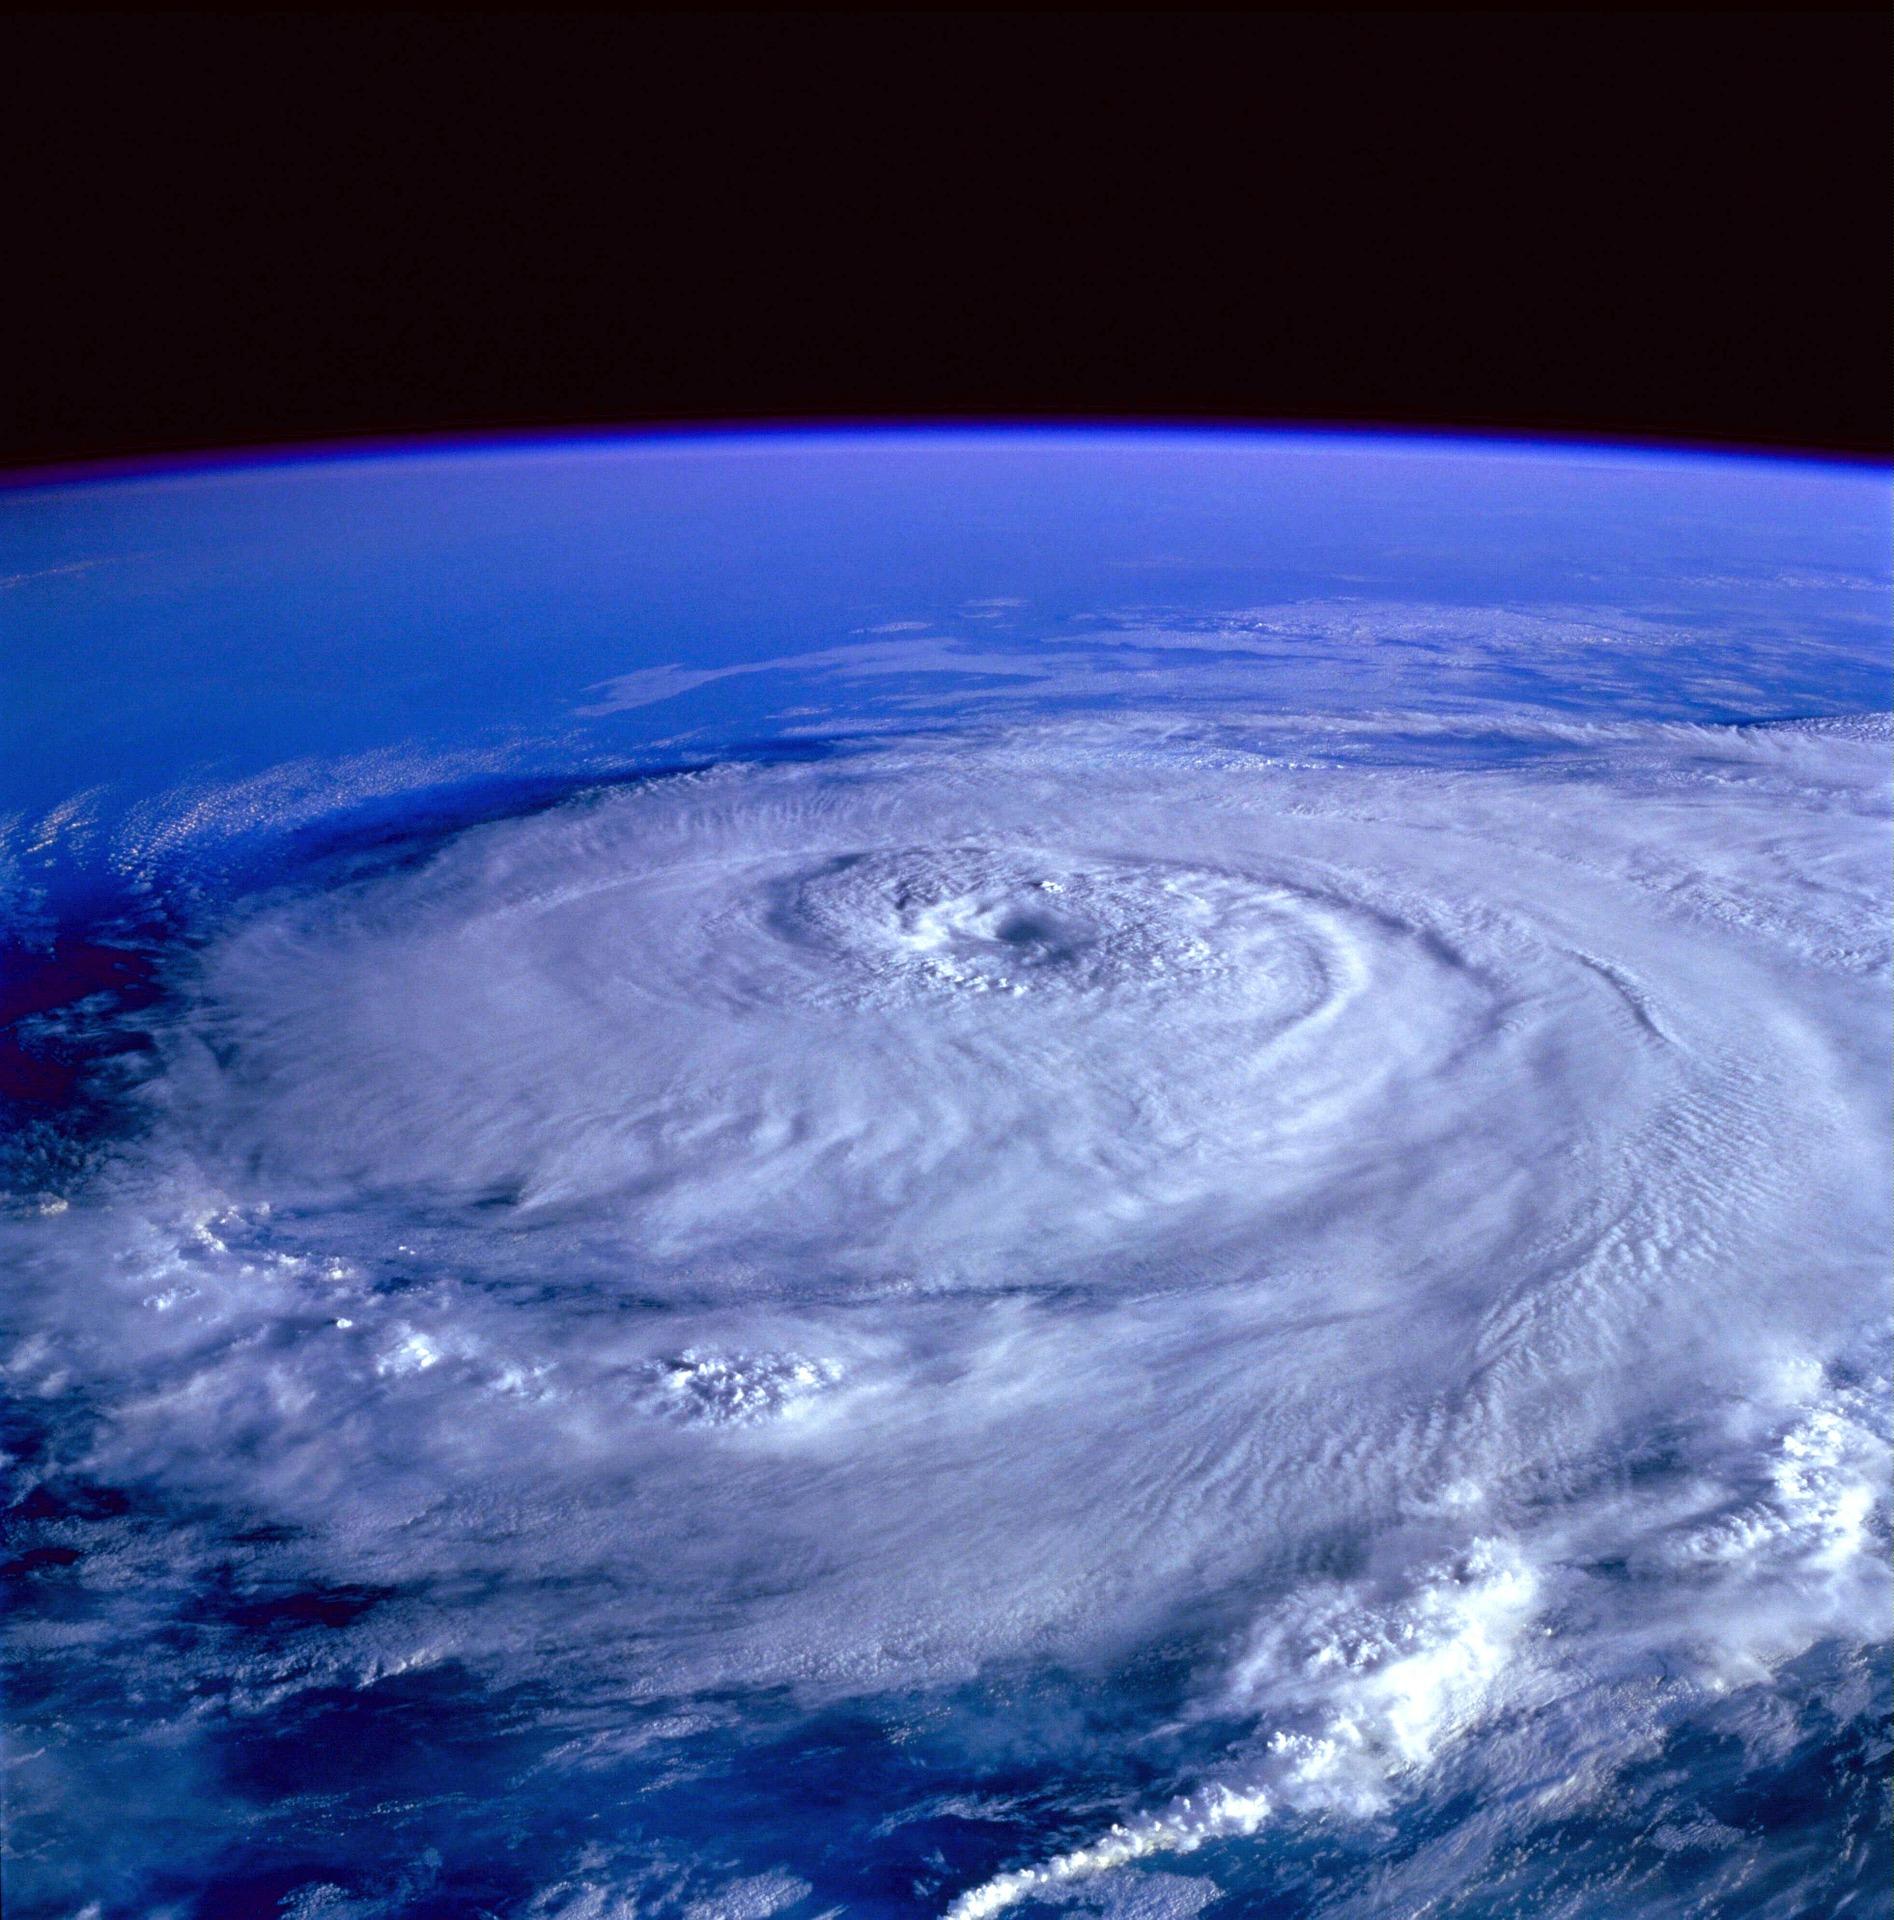 hurricane-92968_1920.jpg